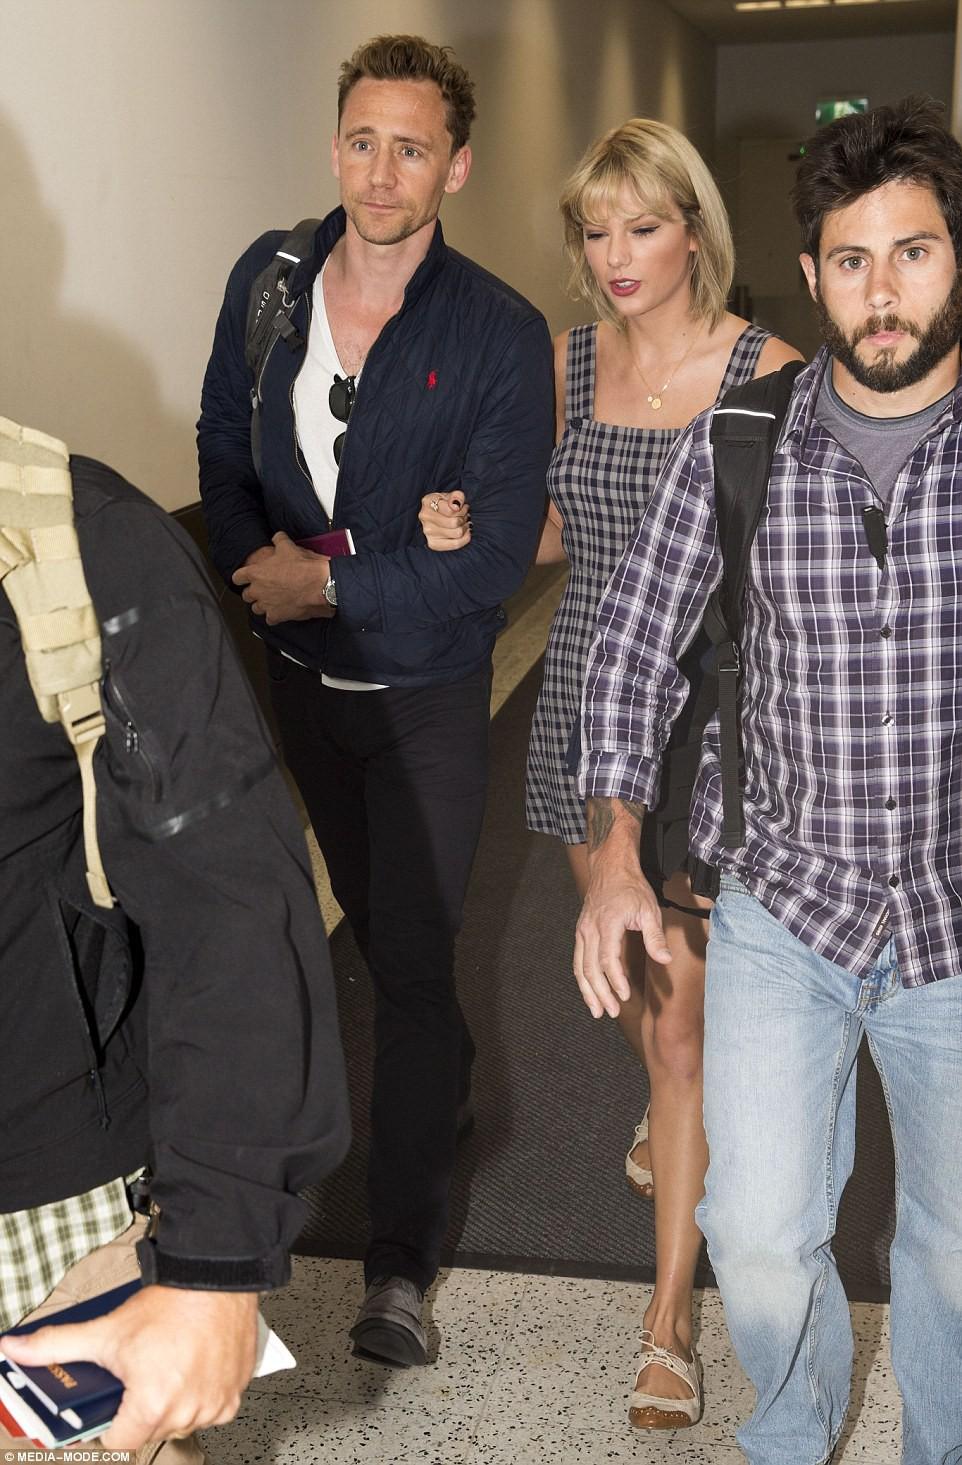 Tom Hiddleston bị sốc khi Taylor Swift nói xấu anh đã lợi dụng tiền bạc và danh tiếng của cô - Ảnh 1.